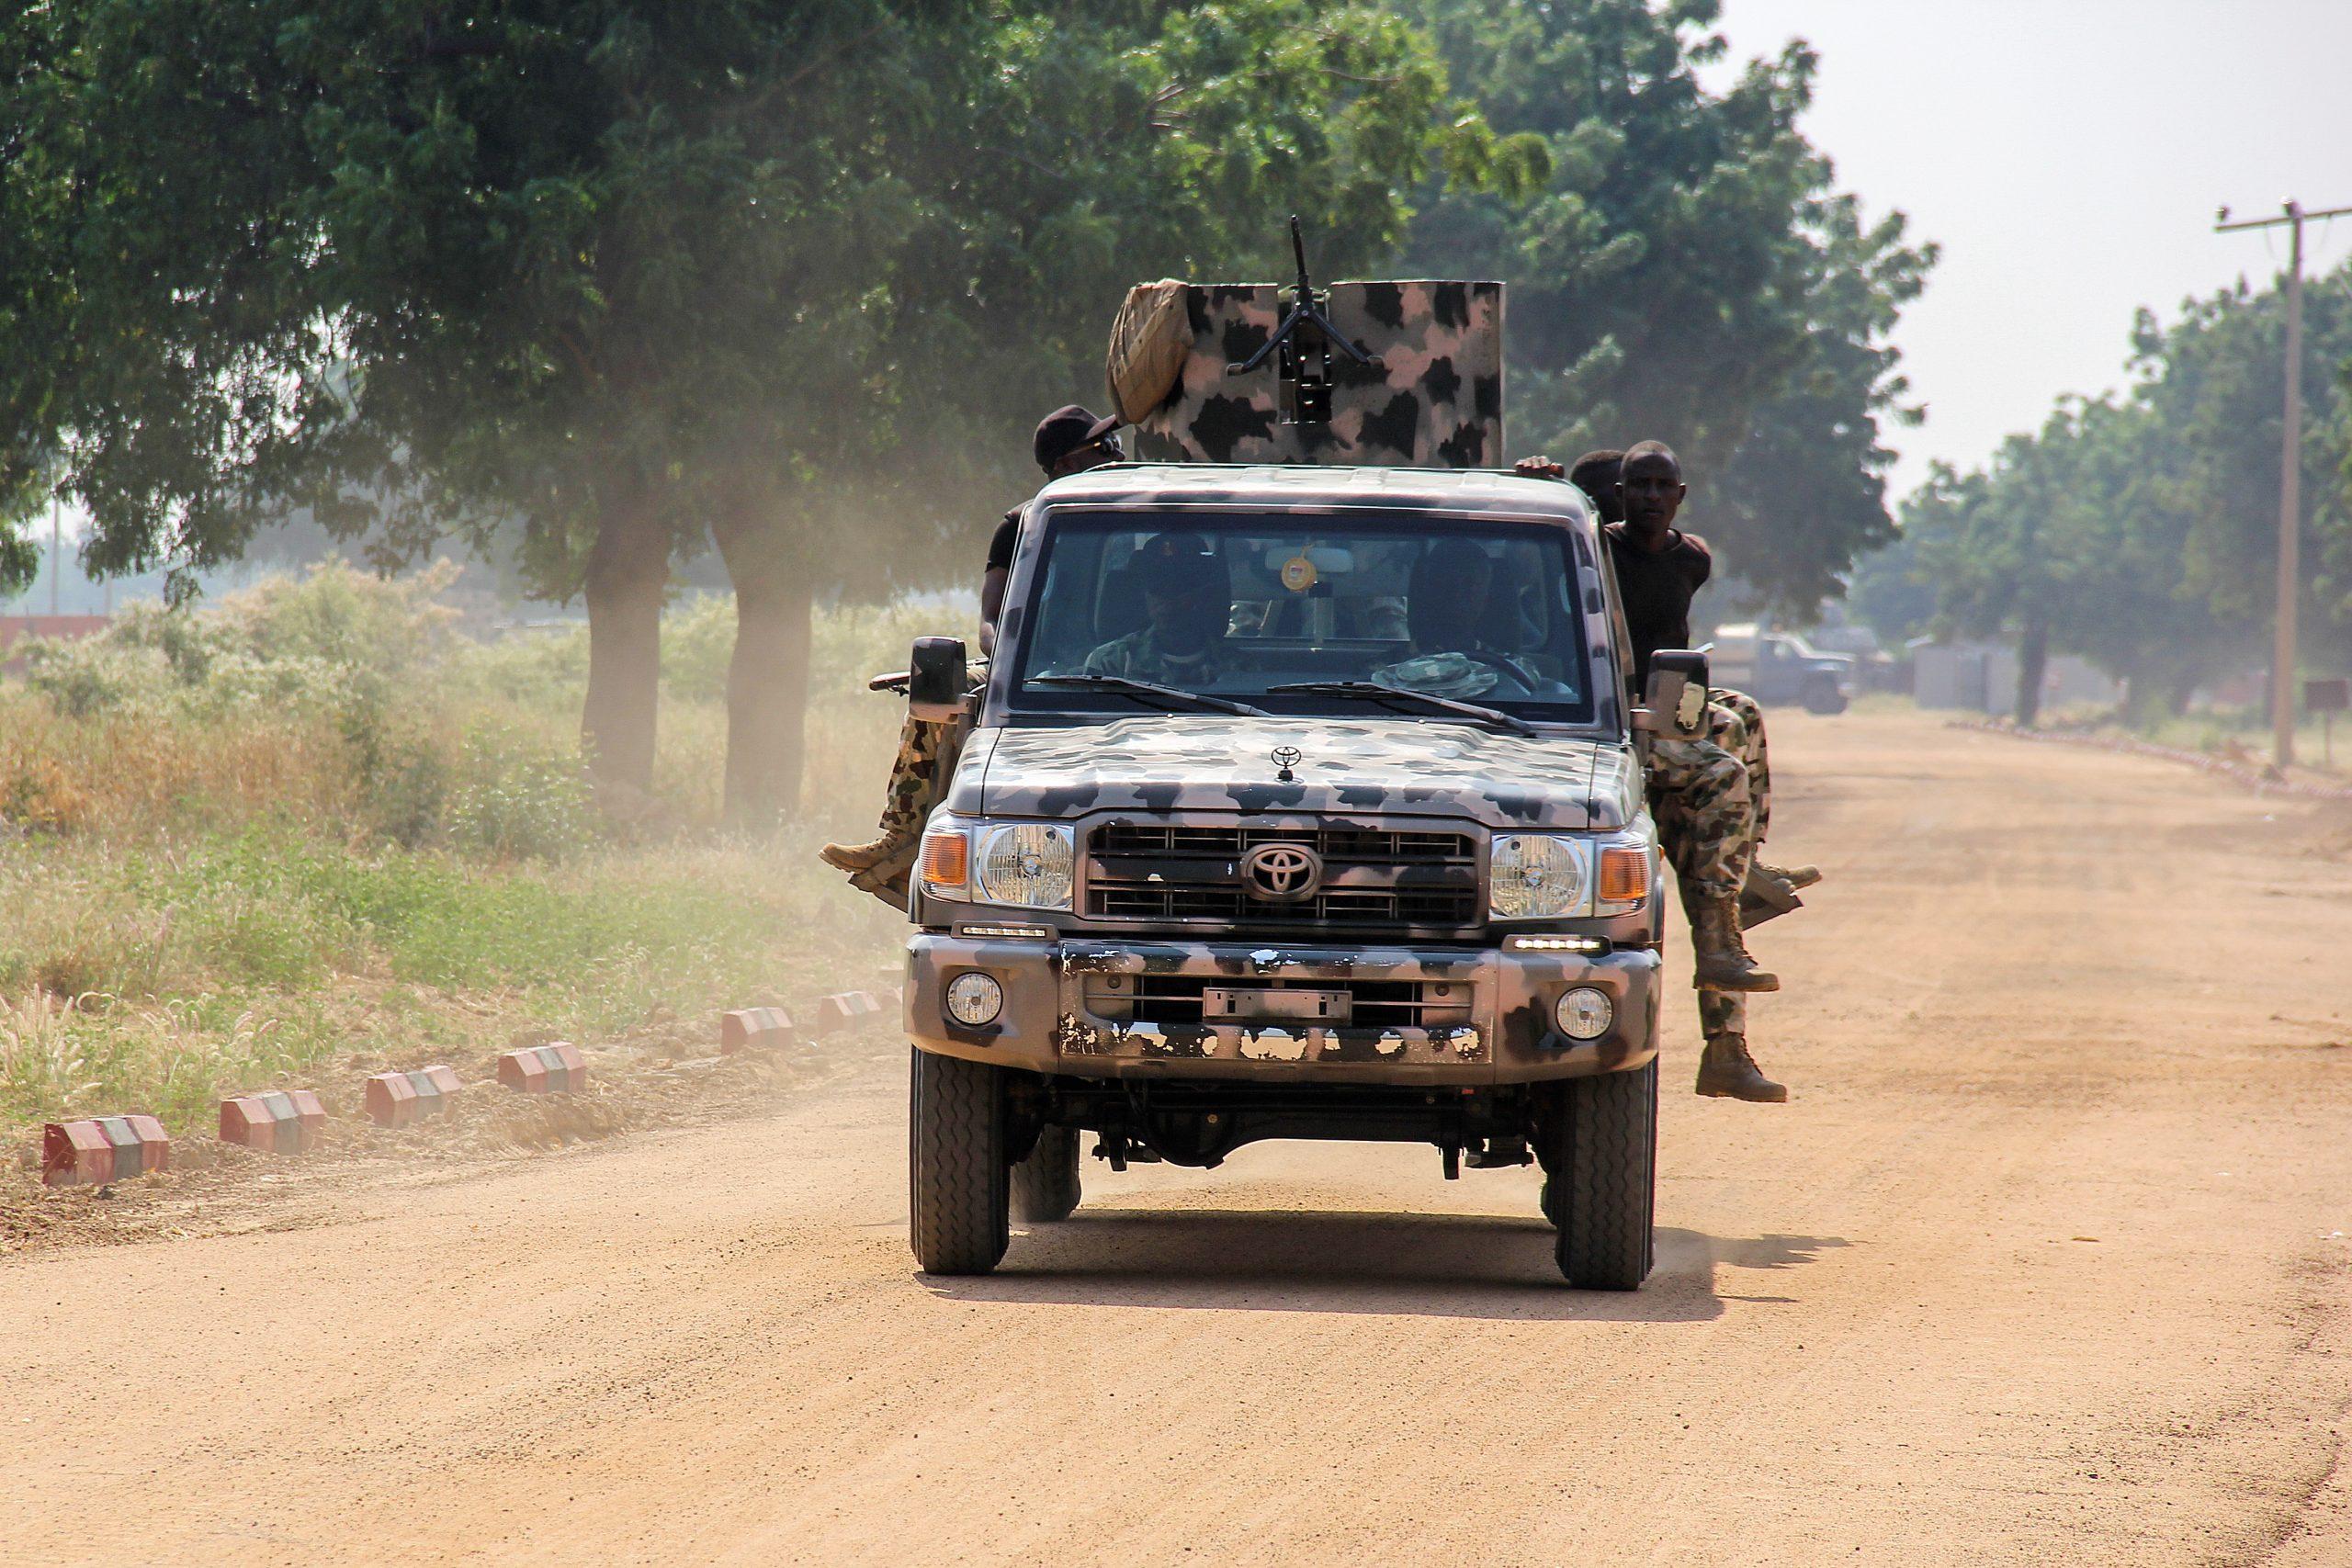 Troops foil kidnap attempt, kill 1 bandit in KadunaNigeria — The Guardian  Nigeria News – Nigeria and World News